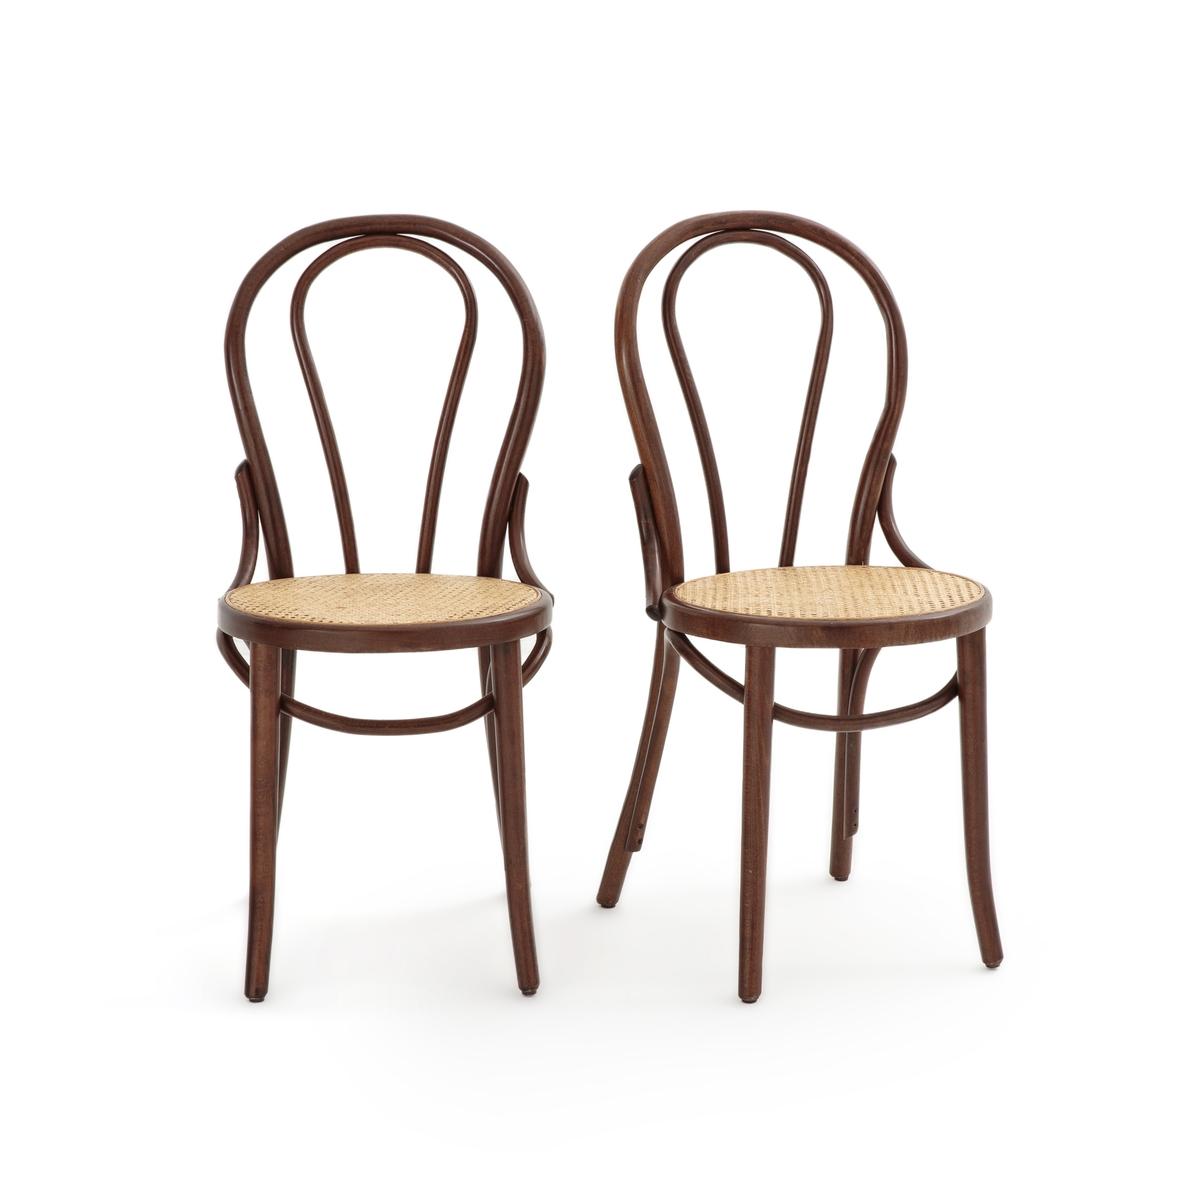 цена Комплект из стульев с La Redoute Плетеным сиденьем BISTRO единый размер другие онлайн в 2017 году